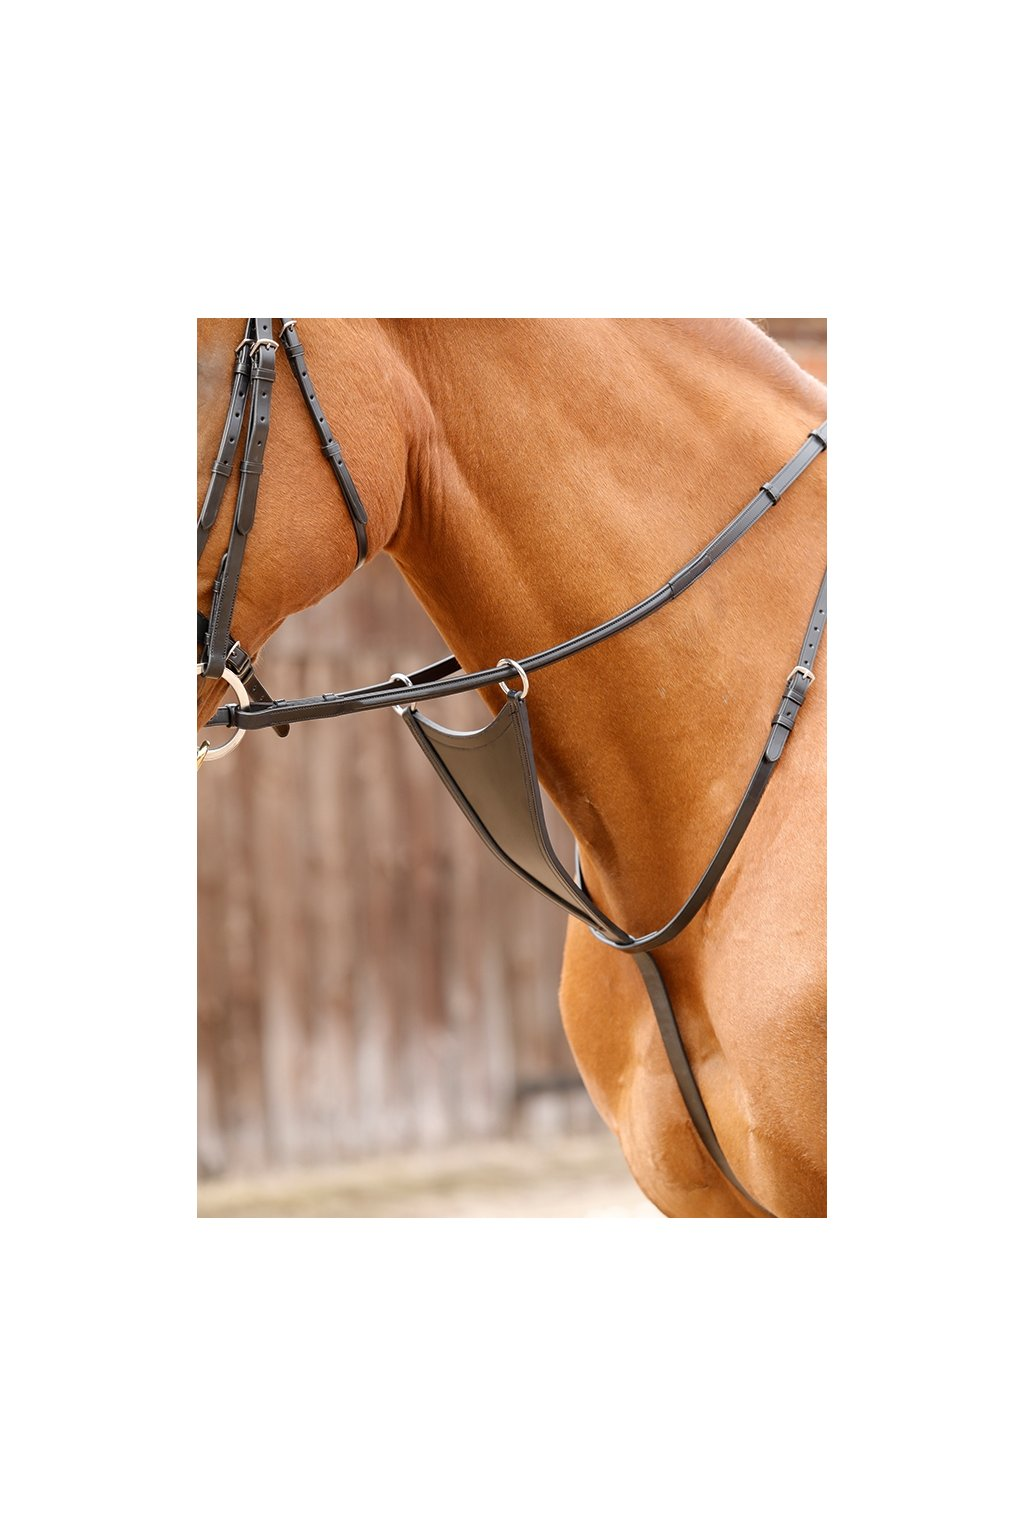 Martingal Rosello Premier Equine